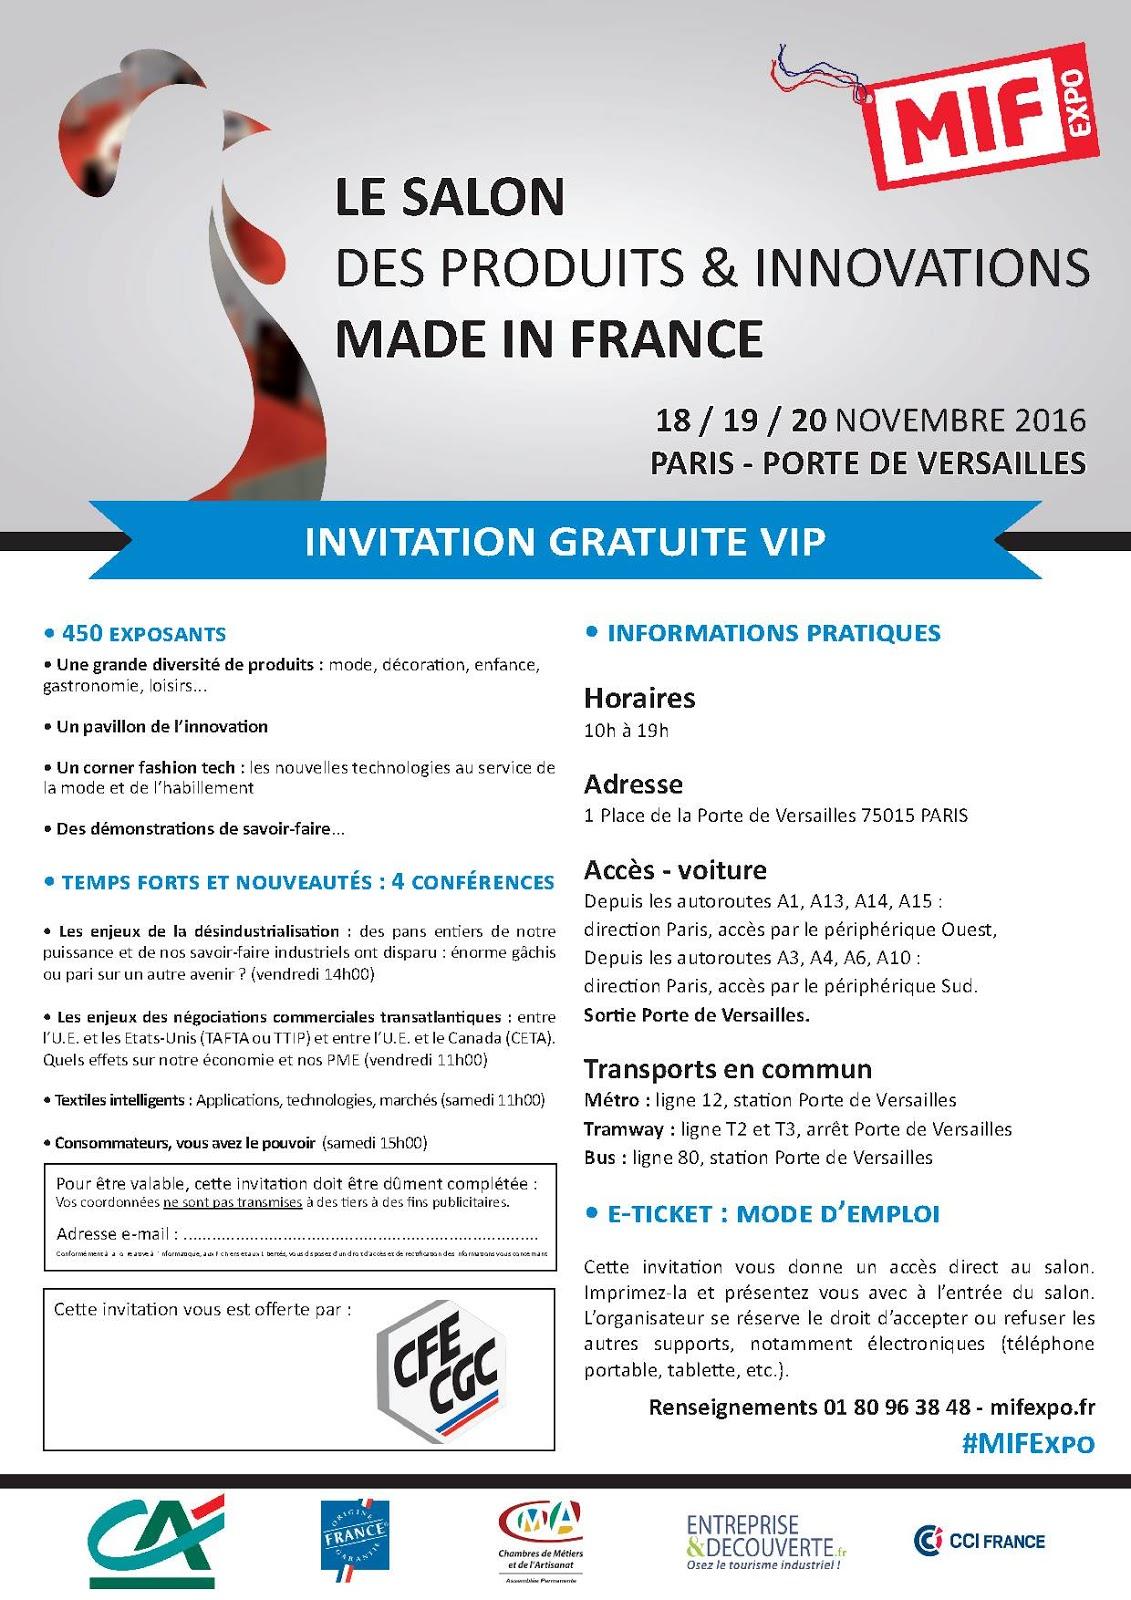 CFE-CGC Adecco: La CFE-CGC vous invite au Salon du Made in ...